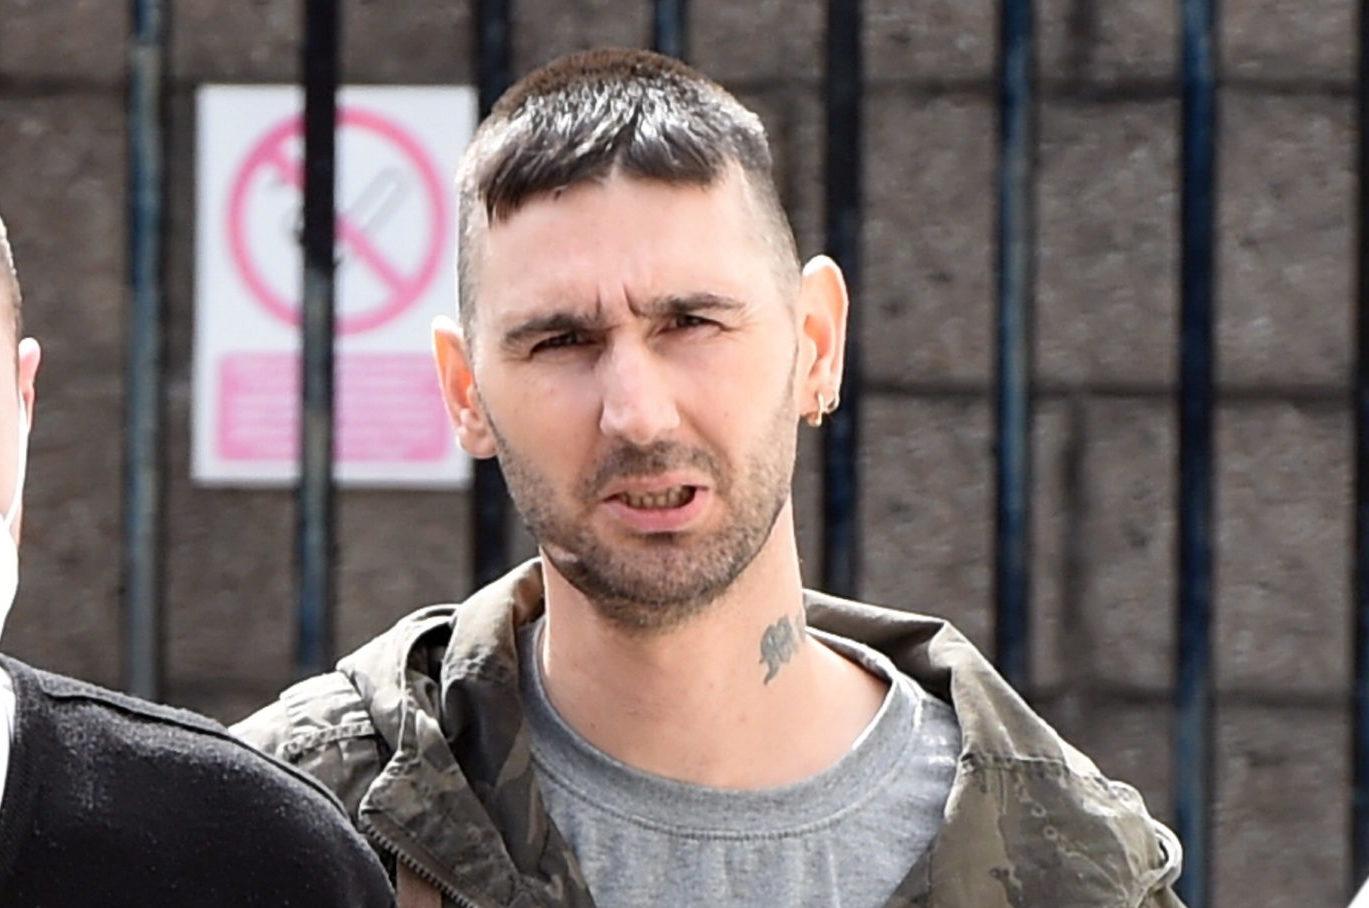 Gavin Reid leaving court.